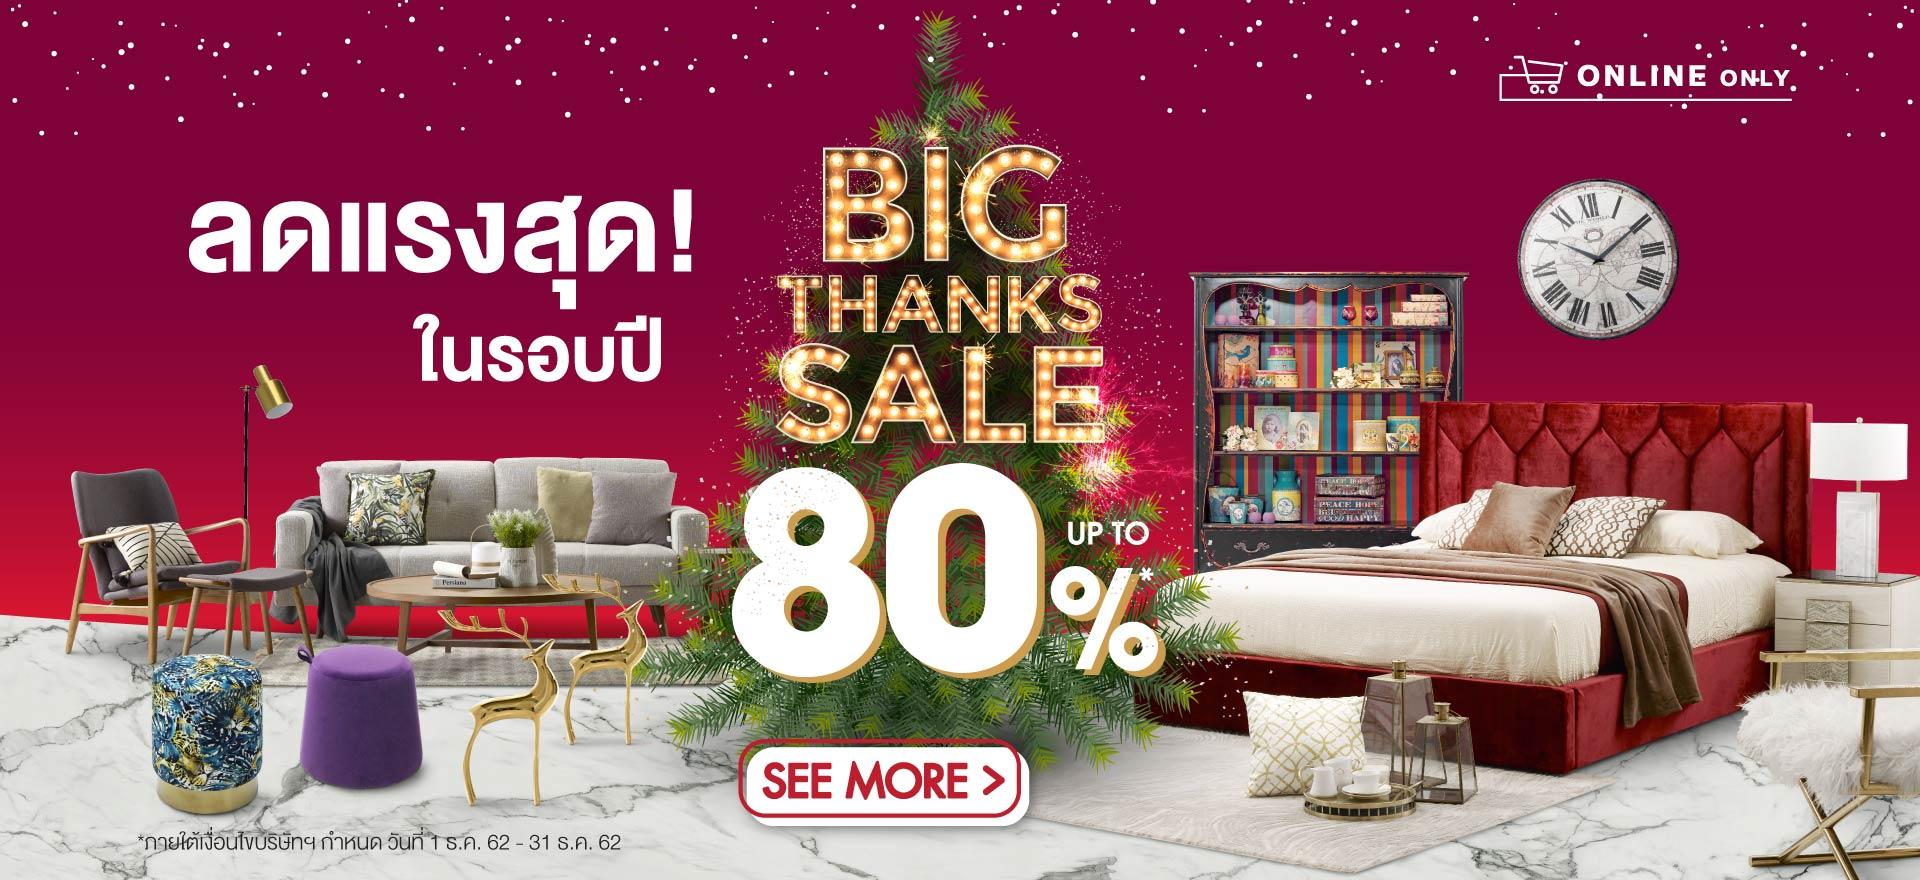 ยกขบวนลดแรงสุดในรอบปี Big Thank Sale ลดสูงสุด 80% พร้อมผ่อน 0% ทุกชิ้น ทั้งร้าน นานสูงสุด 10 เดือน